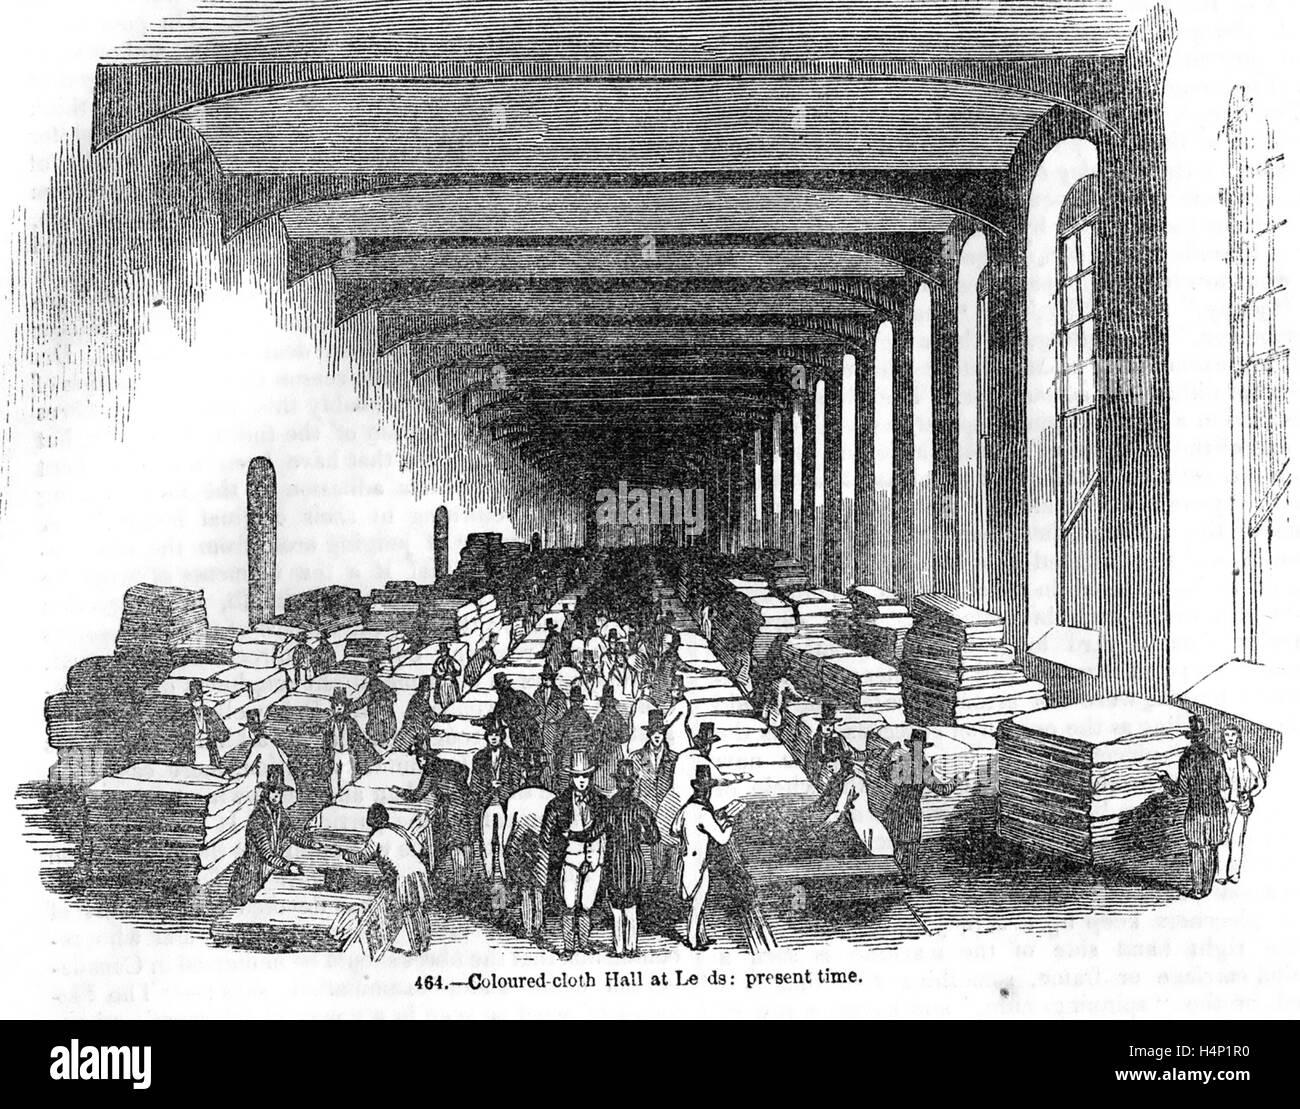 Salle DES VENTES DES TEXTILES COLORÉS À LEEDS sur 1850 Photo Stock